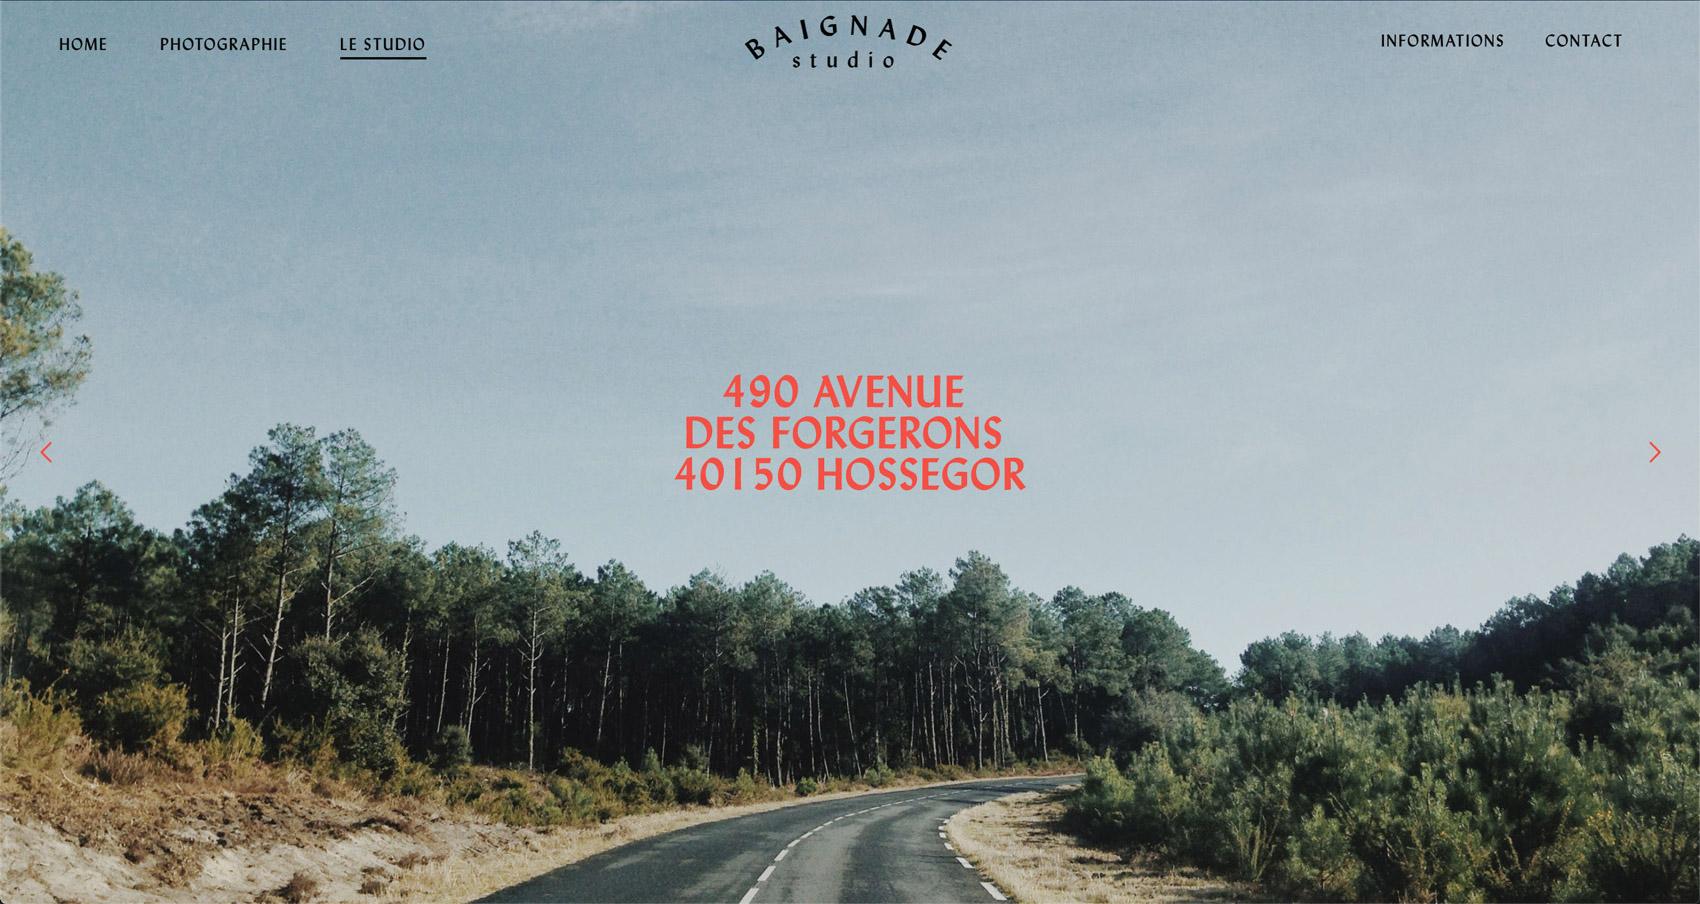 Jean Le Roy - Développeur web et consultant social medias à Biarritz - Baignade Studio - Portfolio